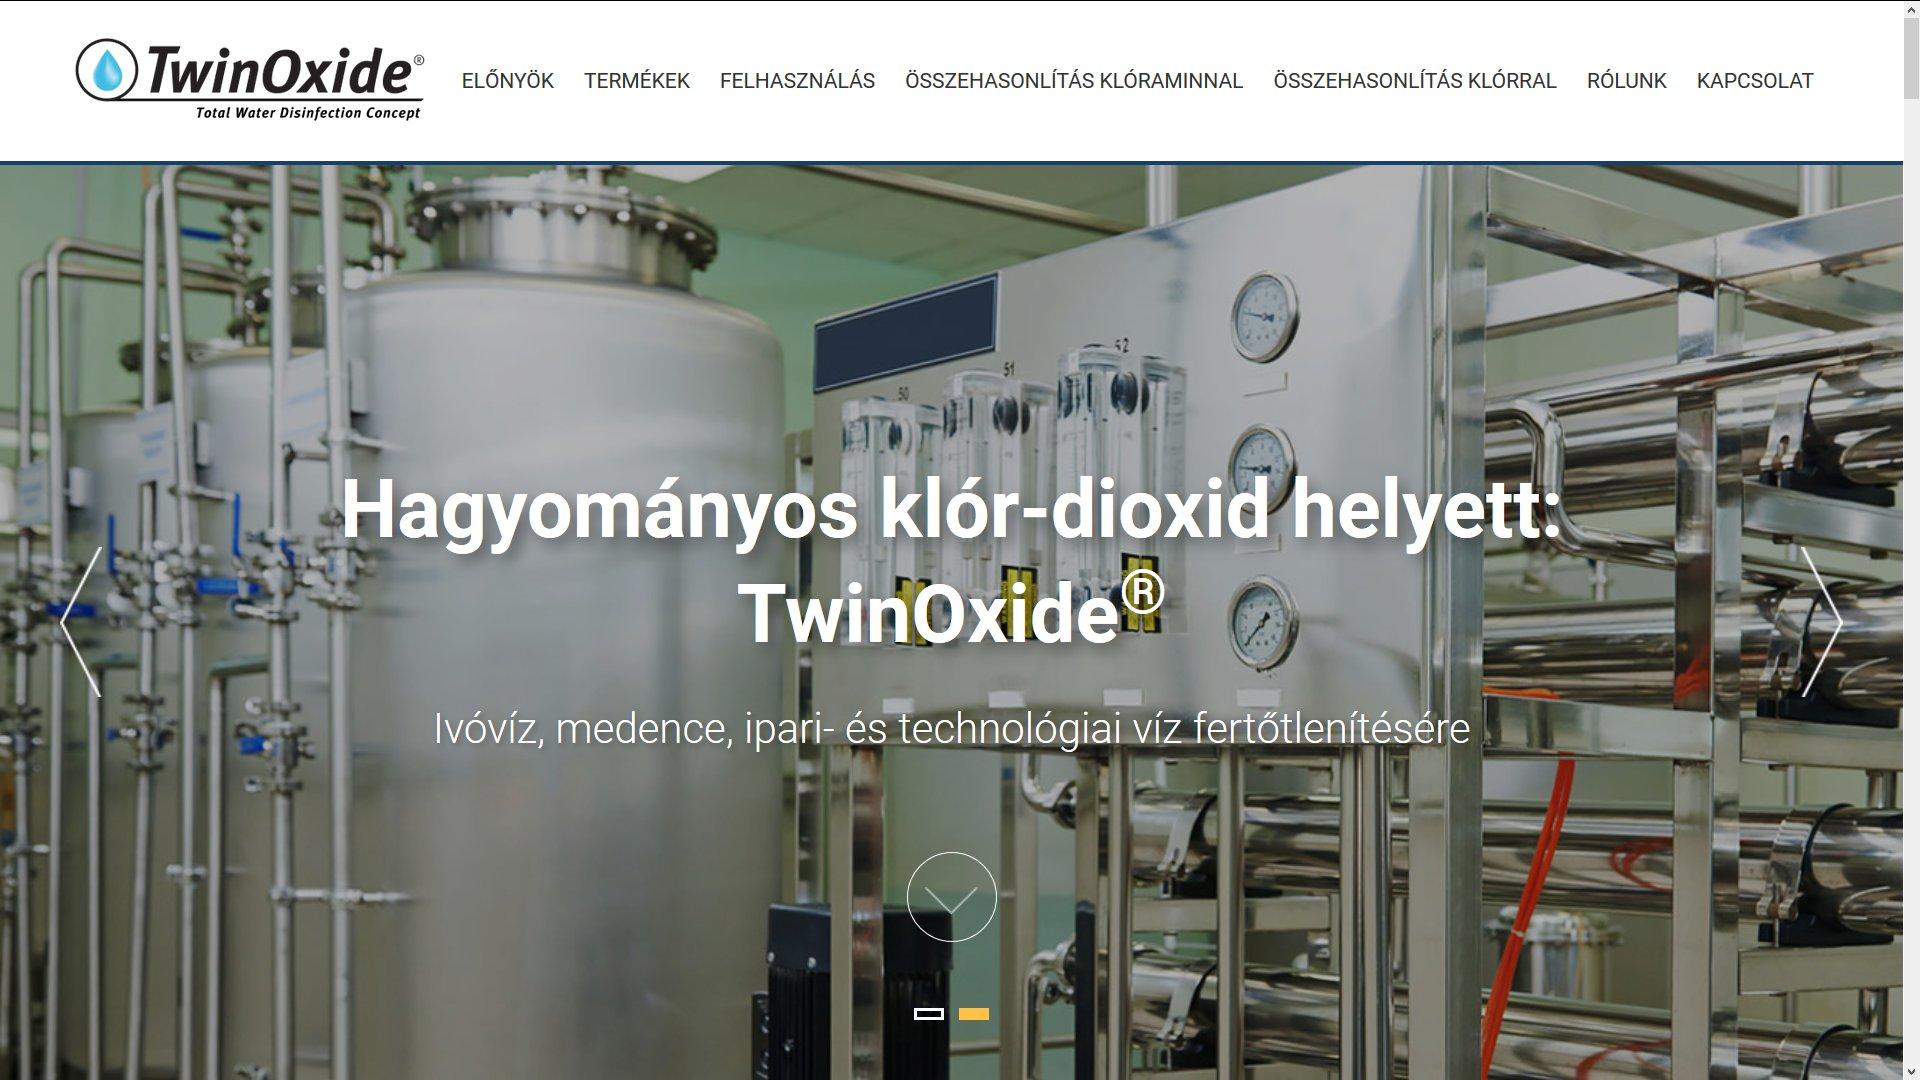 klor-dioxid.hu